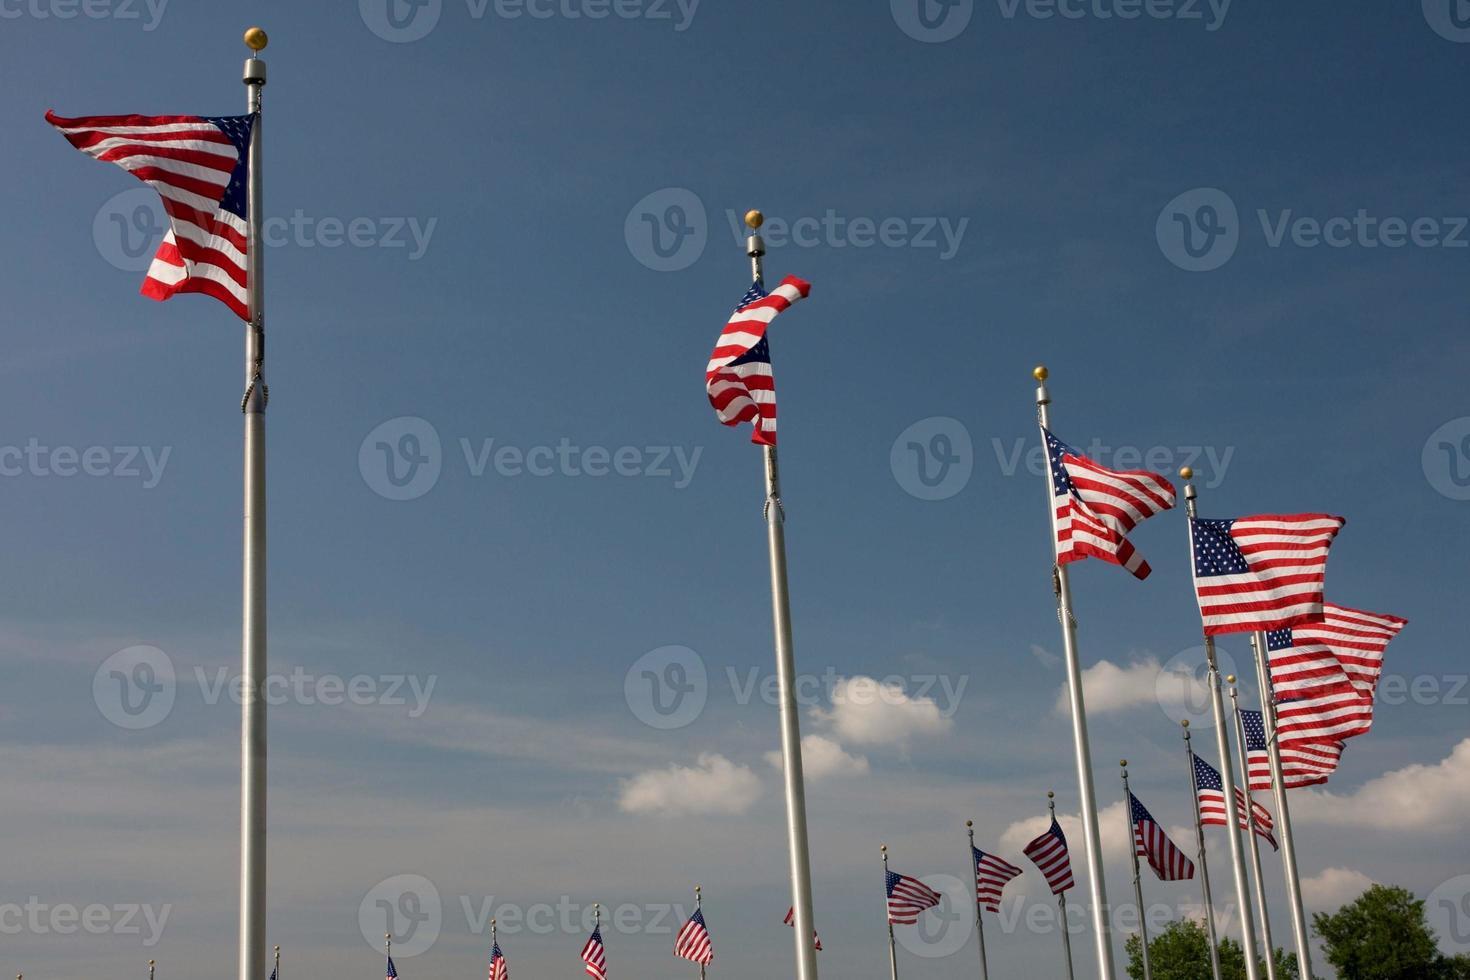 stati uniti d'america - distretto di columbia, washington, monumento a washington foto